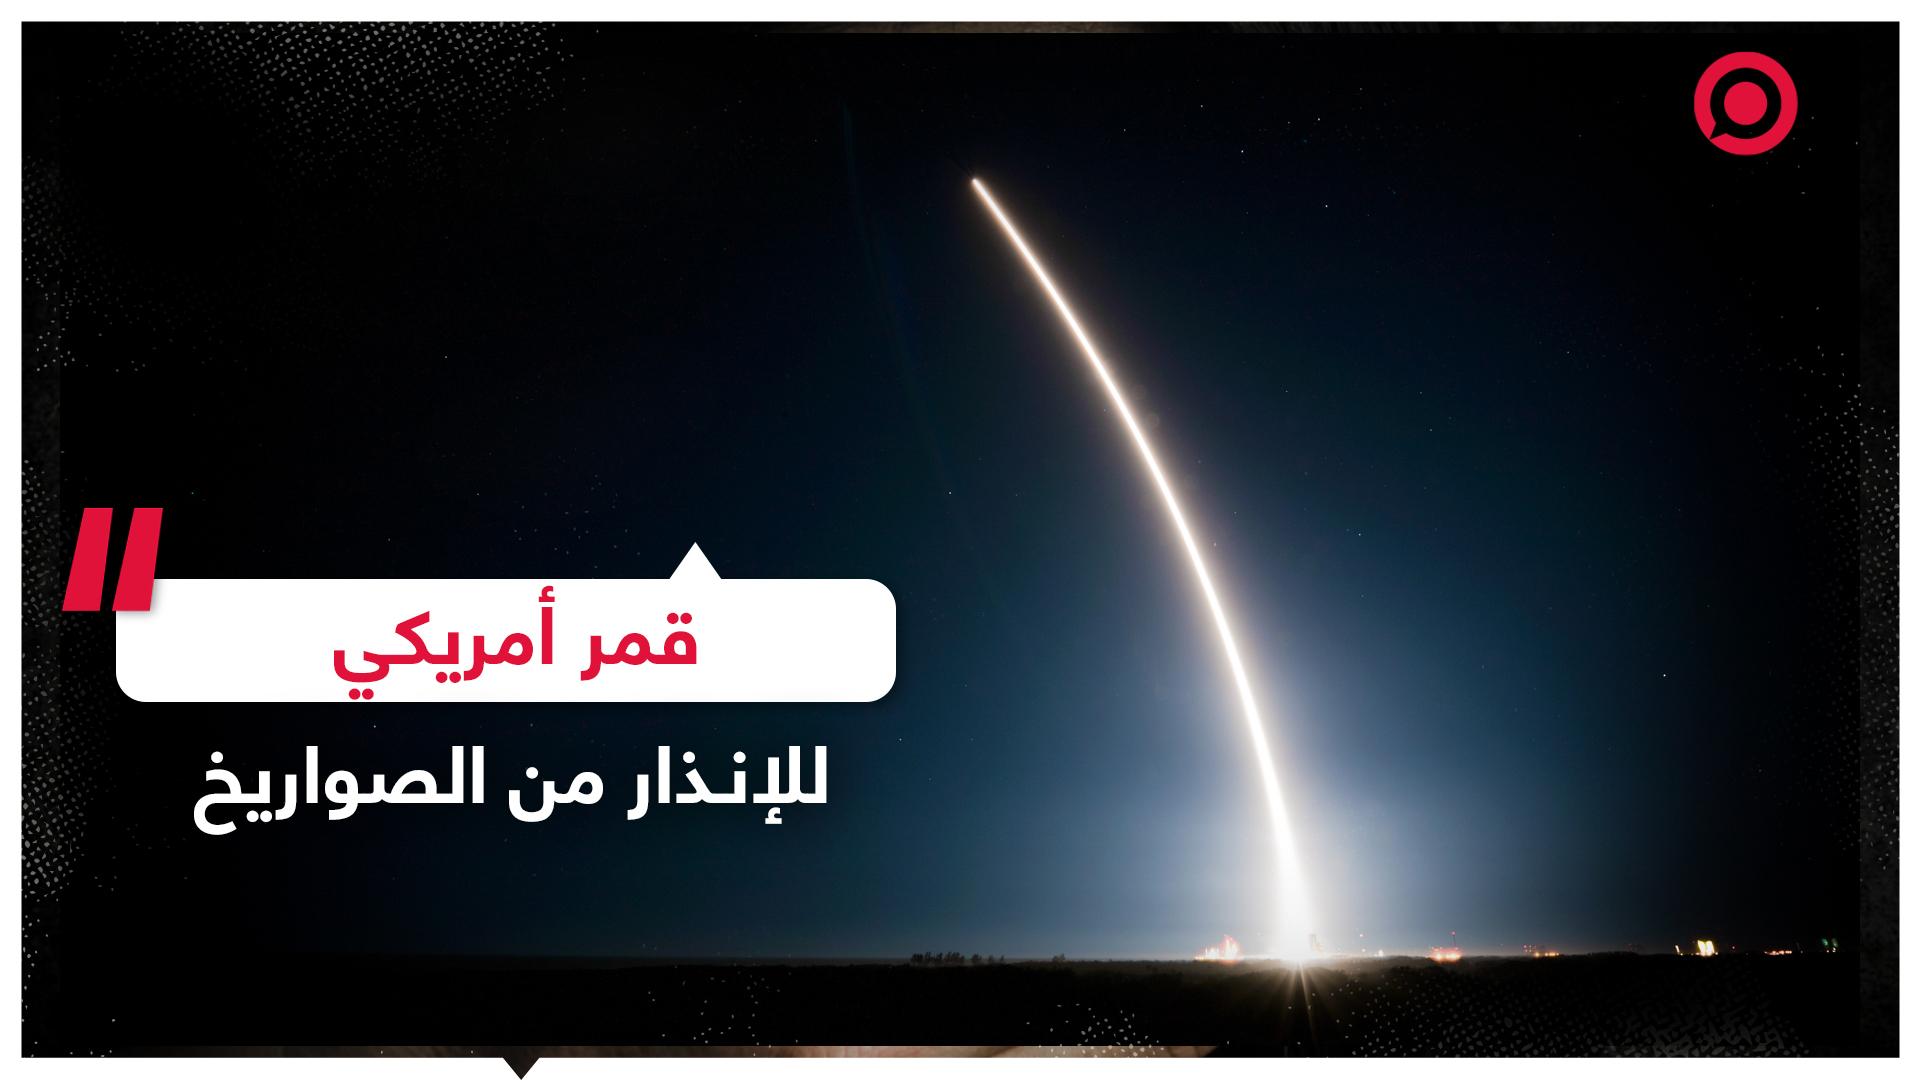 قوات الفضاء الأمريكية تطلق قمرا للإنذار المبكر من الصواريخ